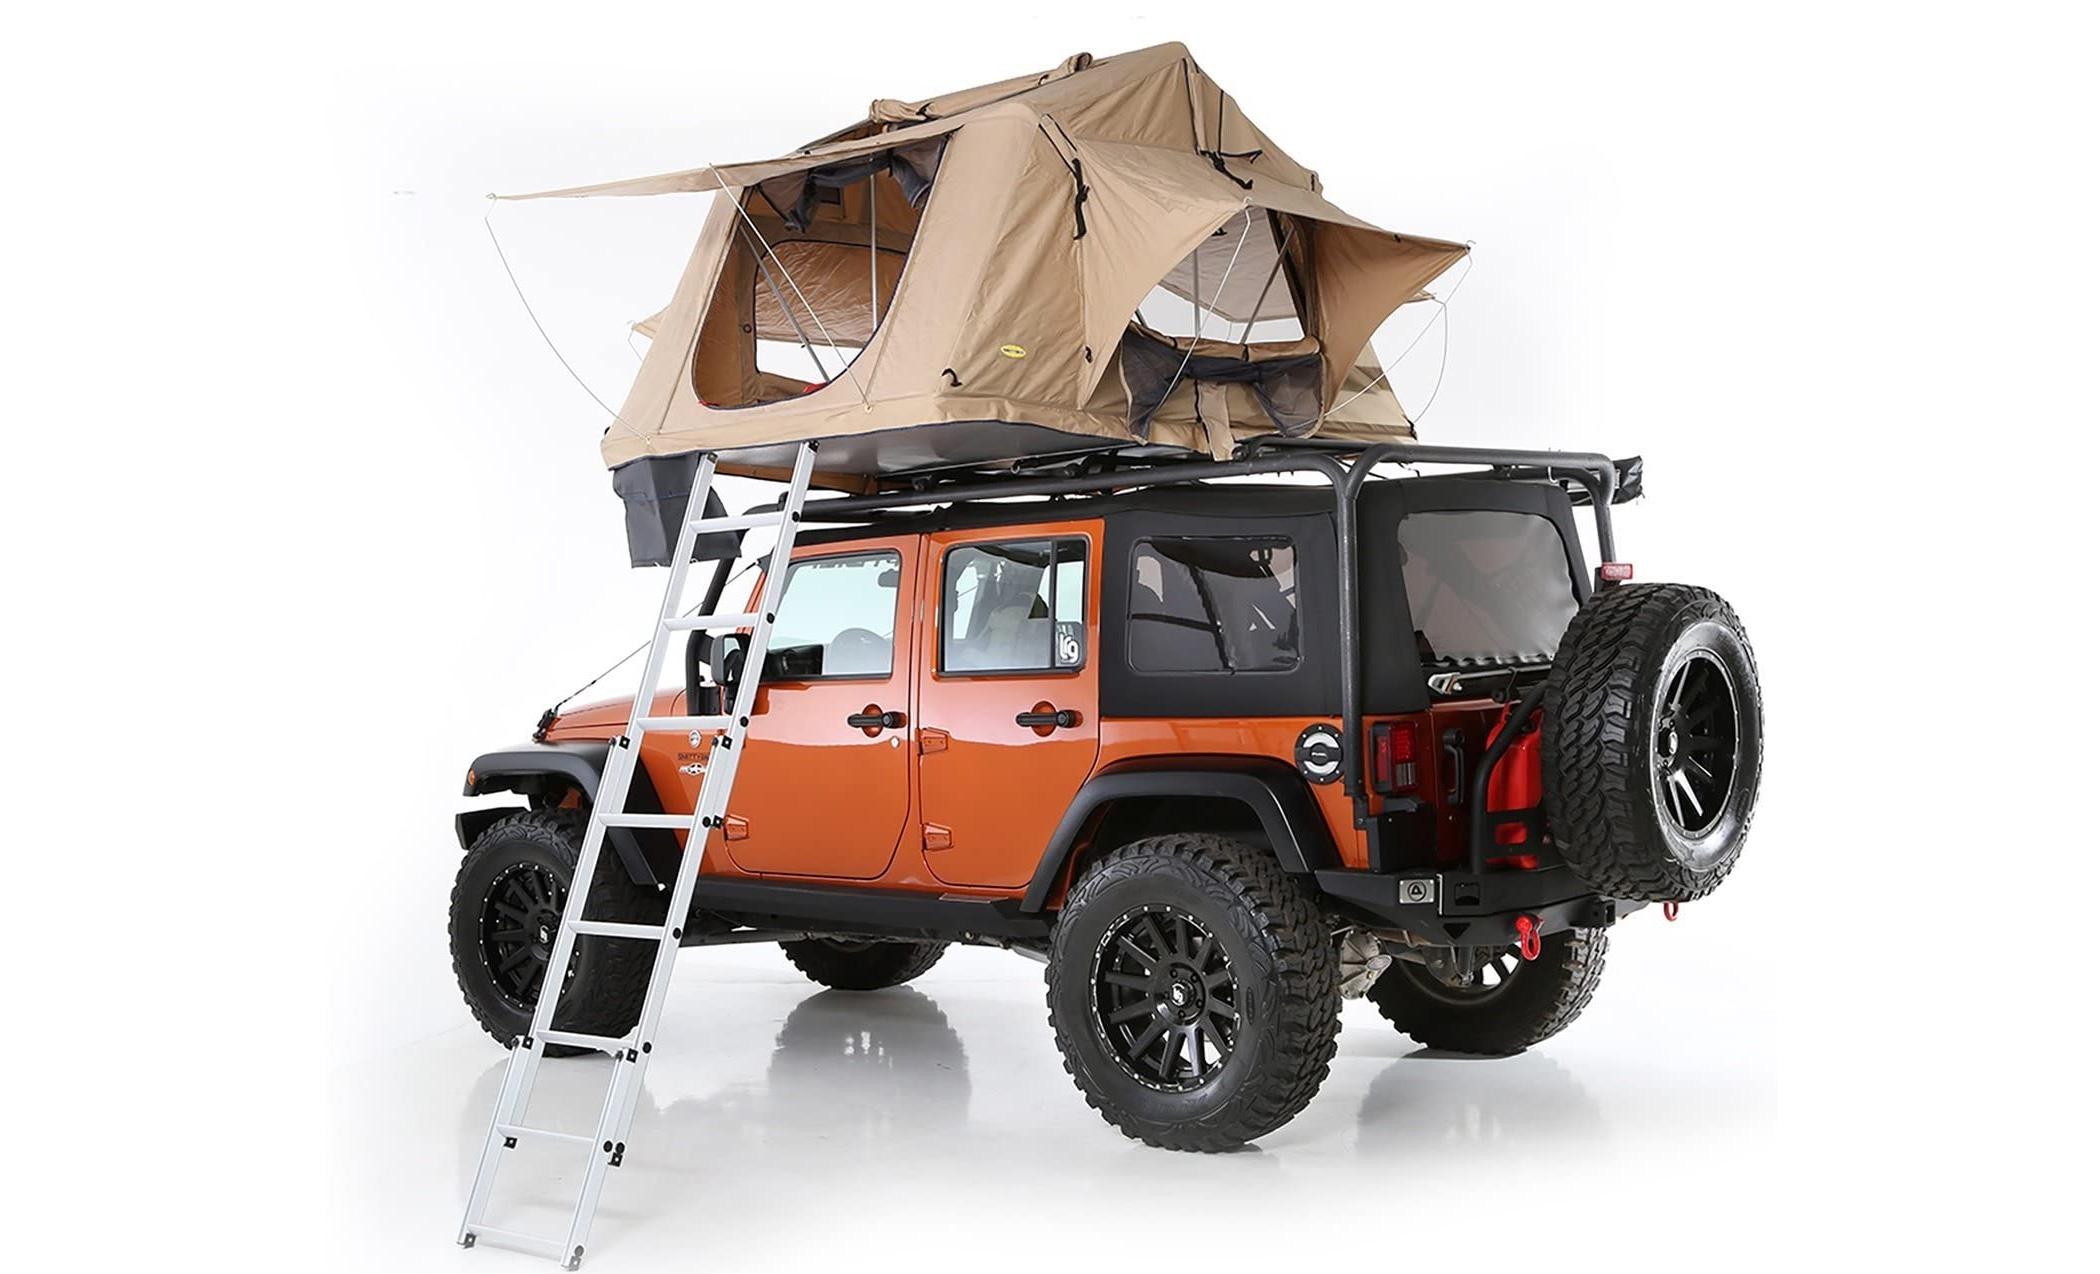 best rooftop tent: Smittybuilt Overlander